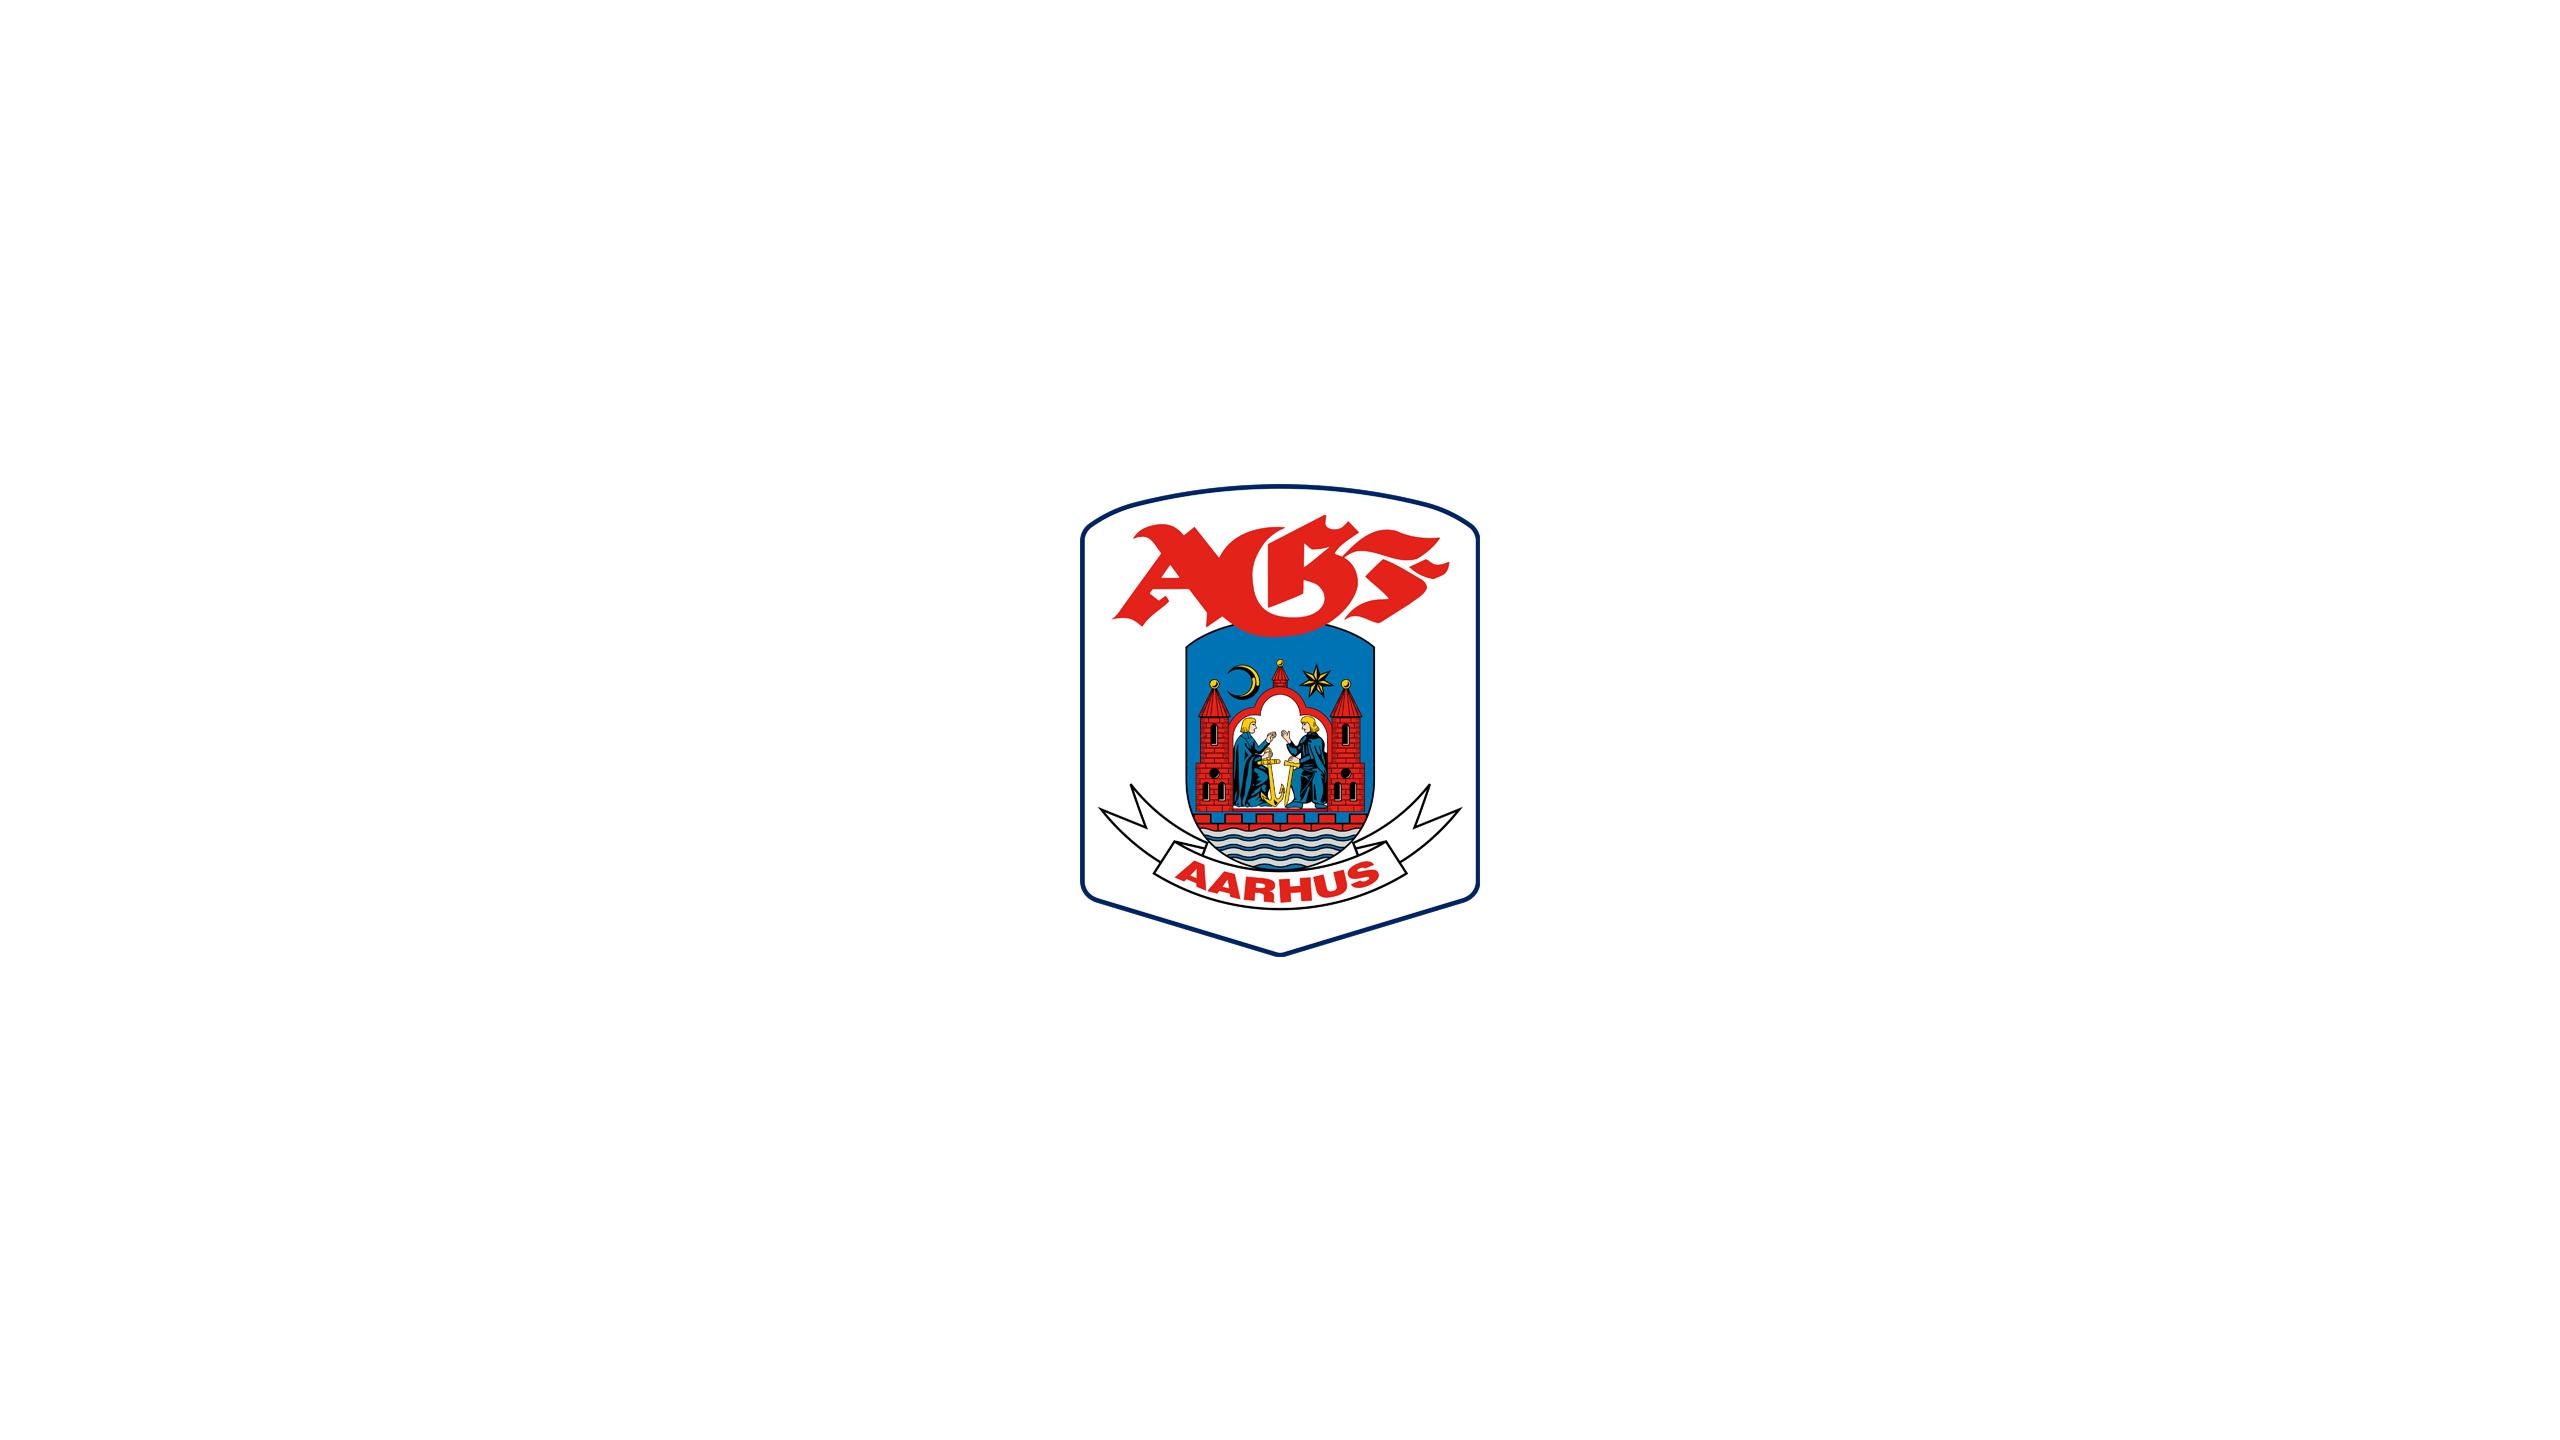 AGF Aarhus FC